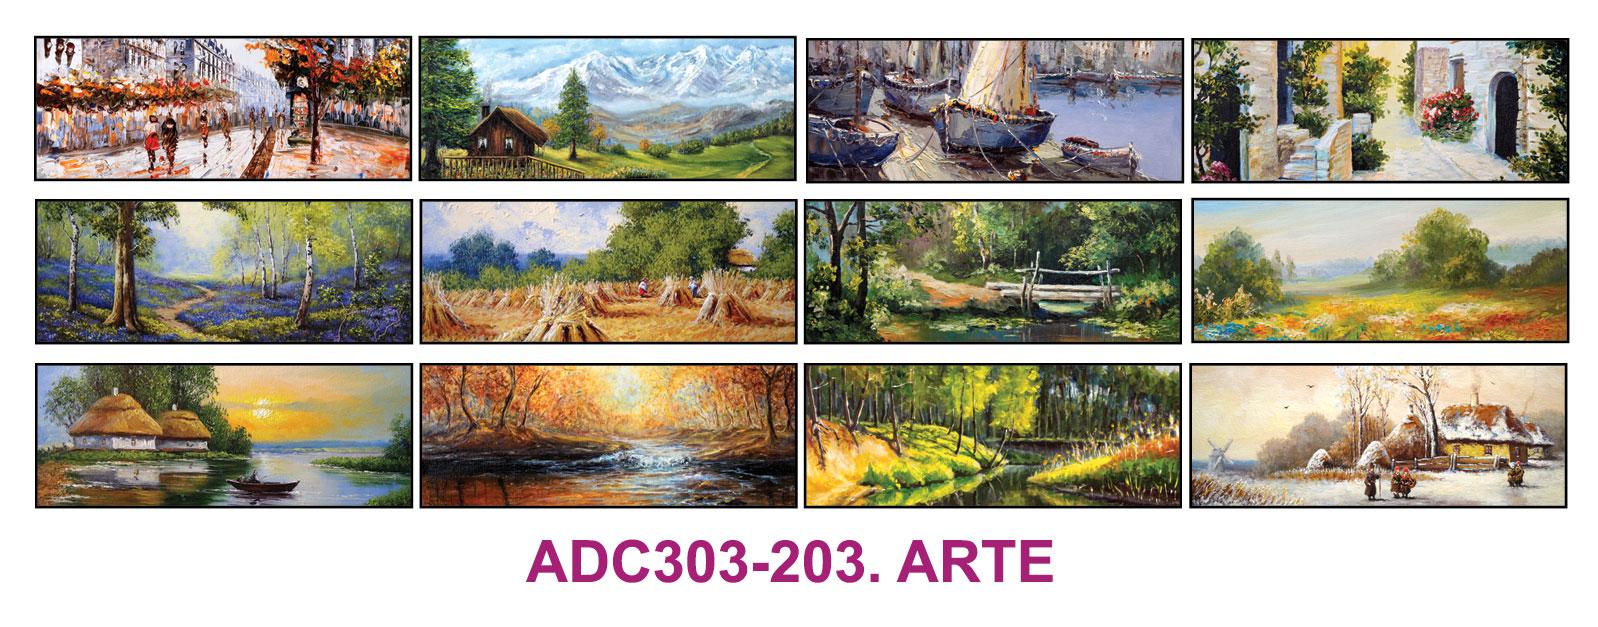 ADC303-203-calendario-cd-arte